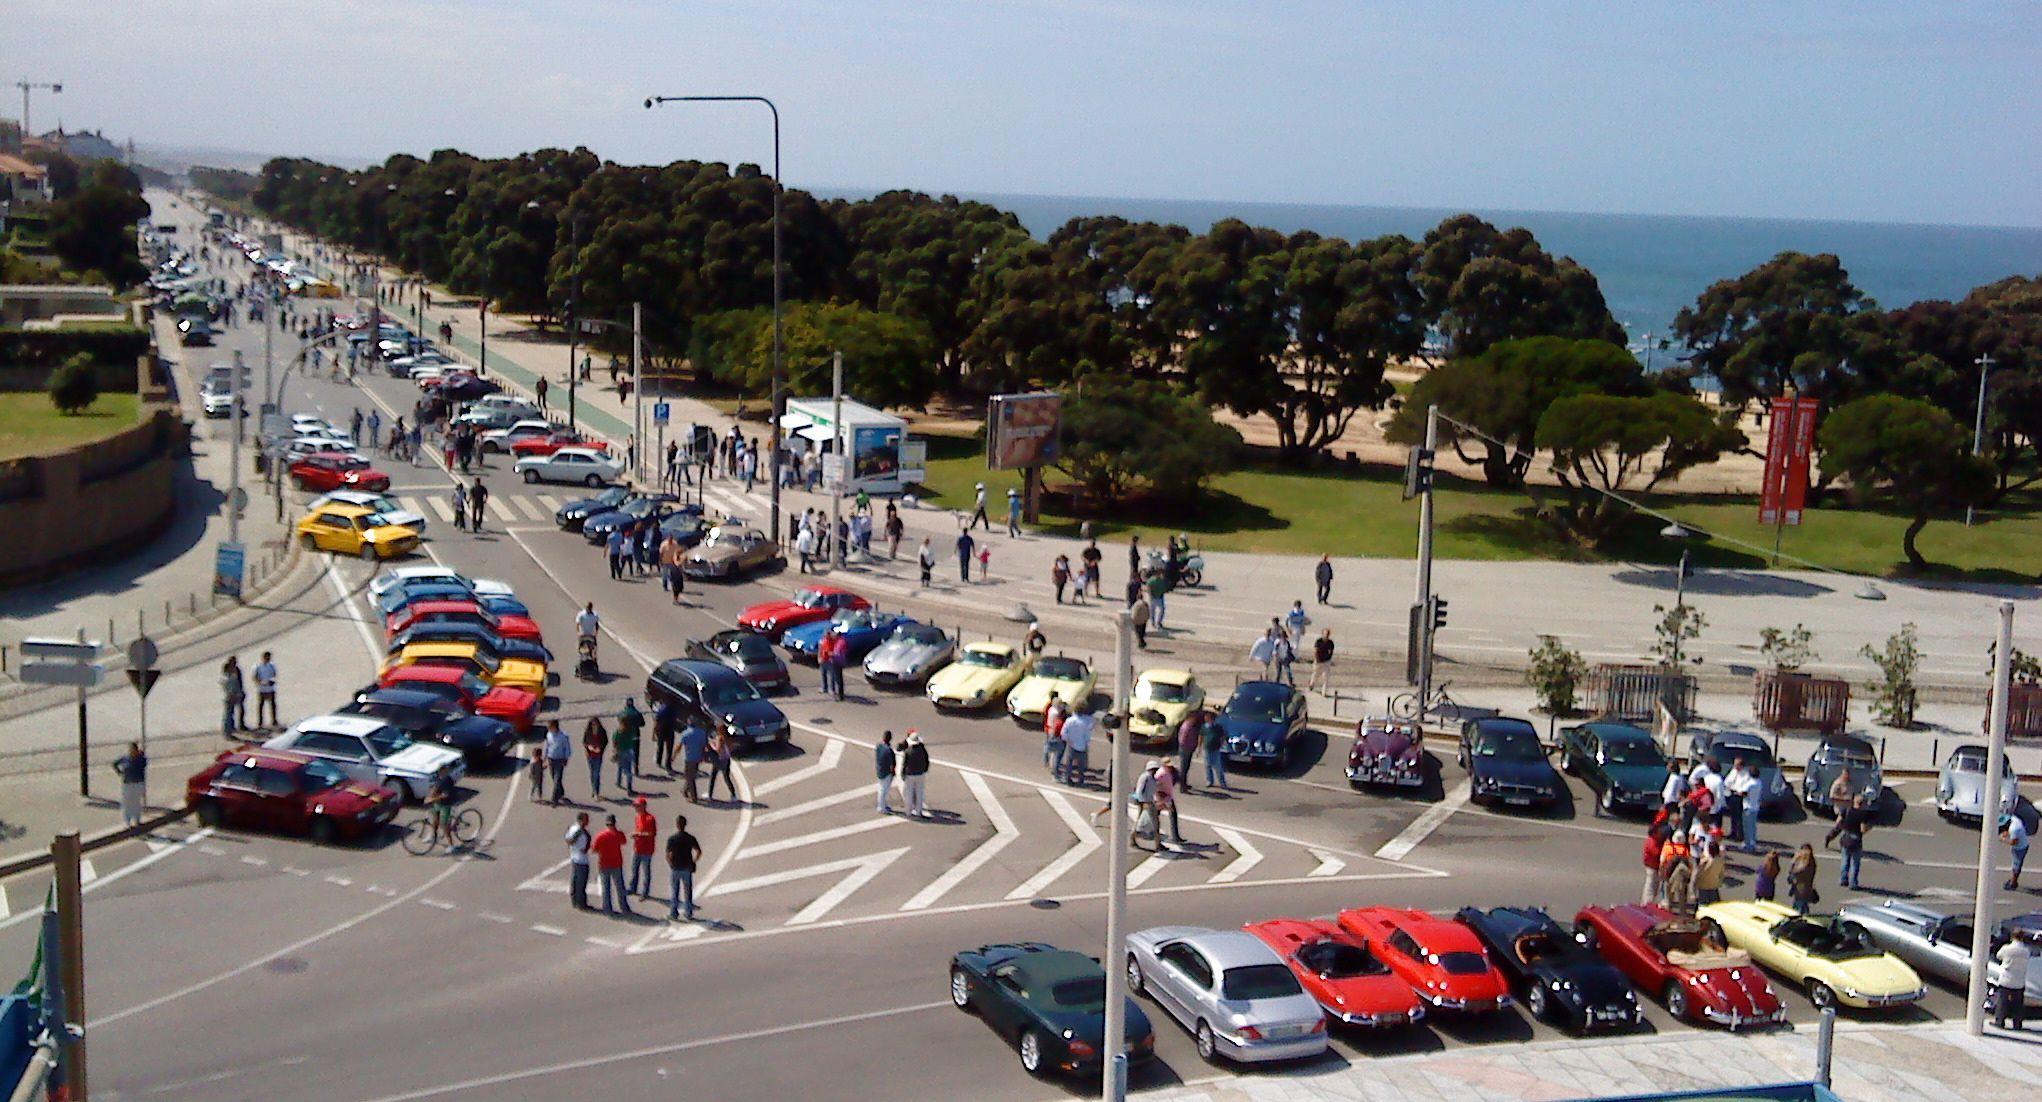 circuito da boavista 2011, Porto (from my phone)